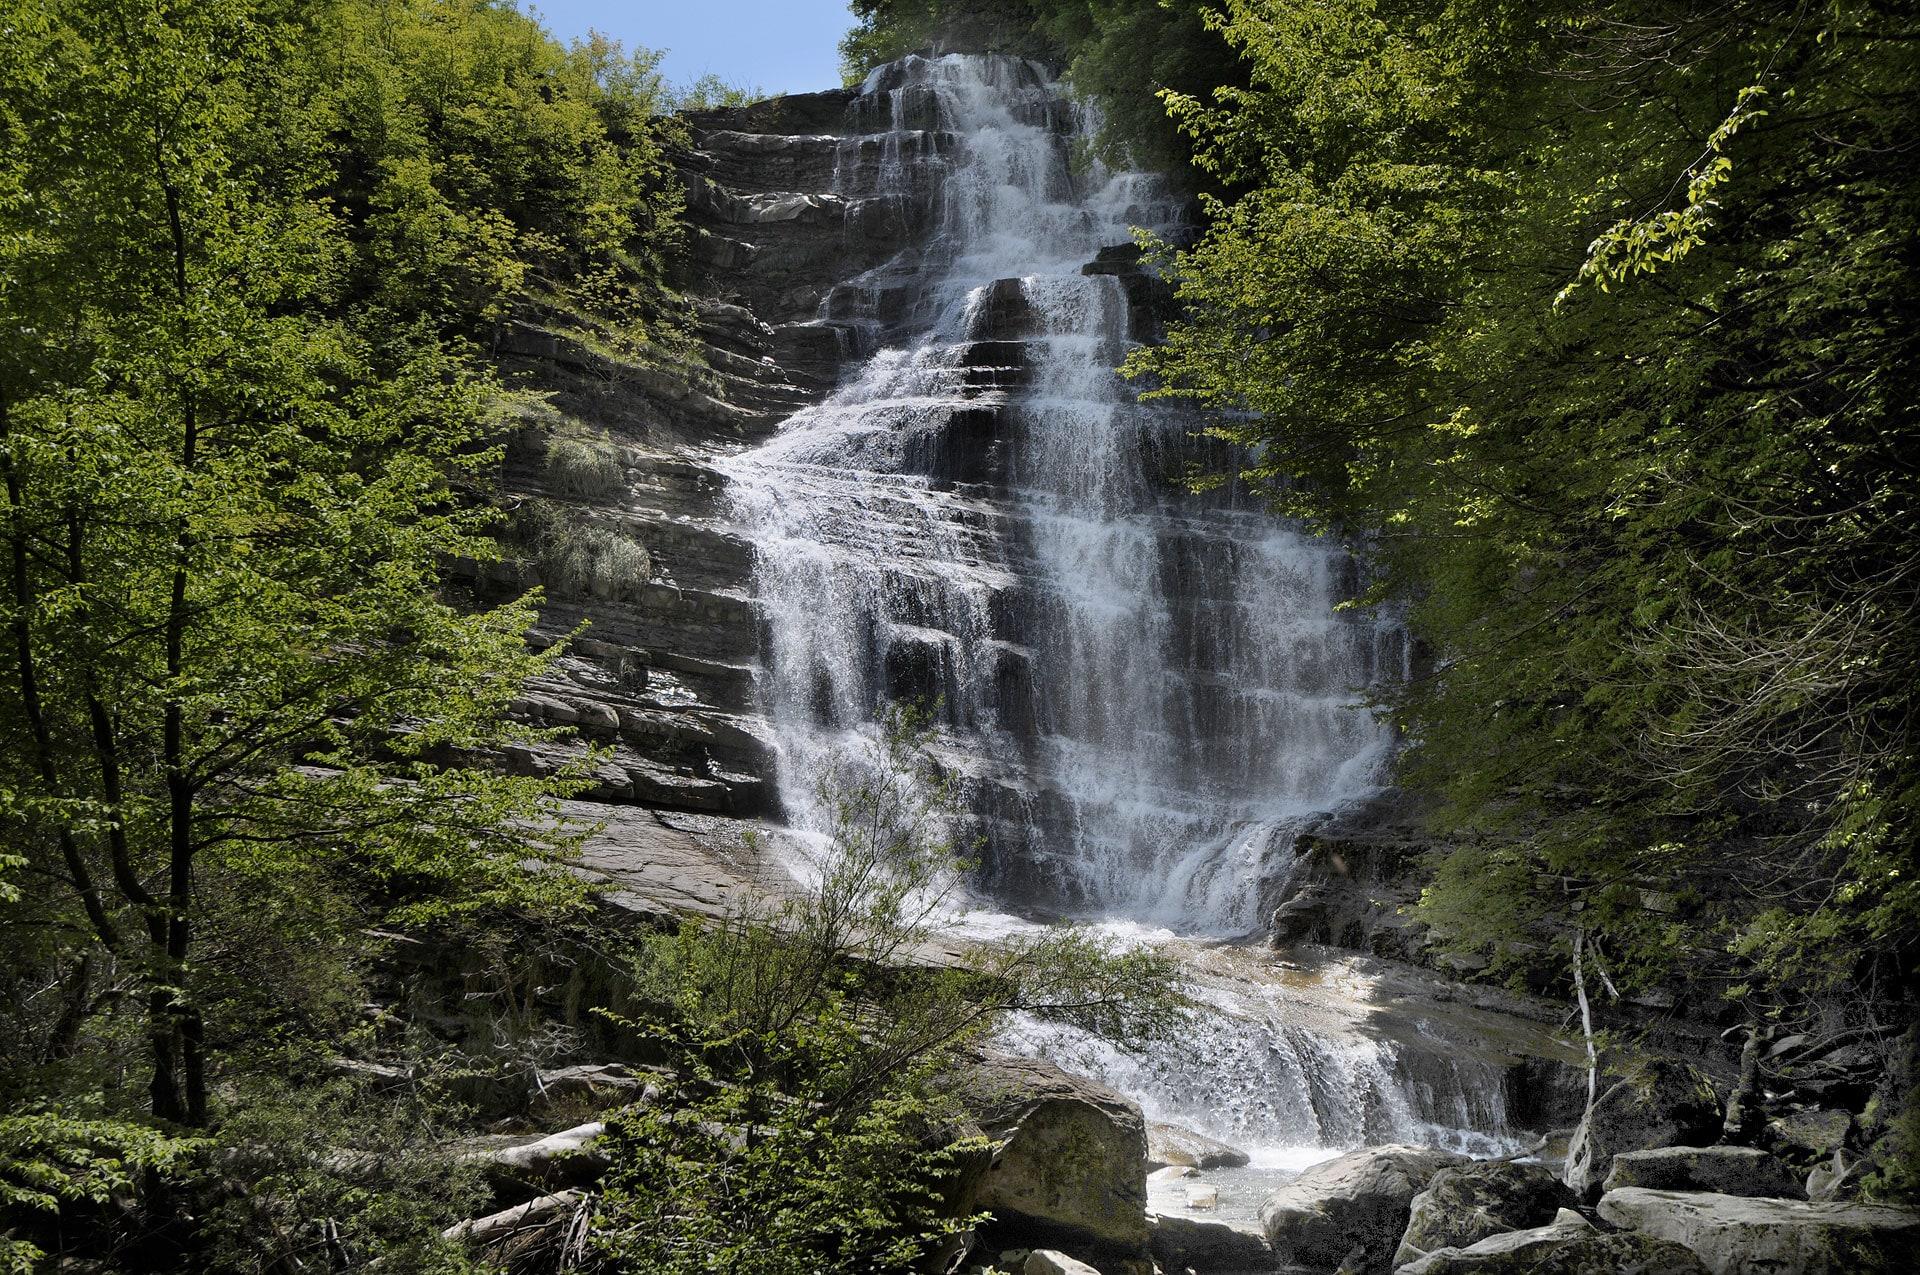 Percorsi trekking fino alla cascata dell'Acquacheta nel Parco Nazionale Casentinese